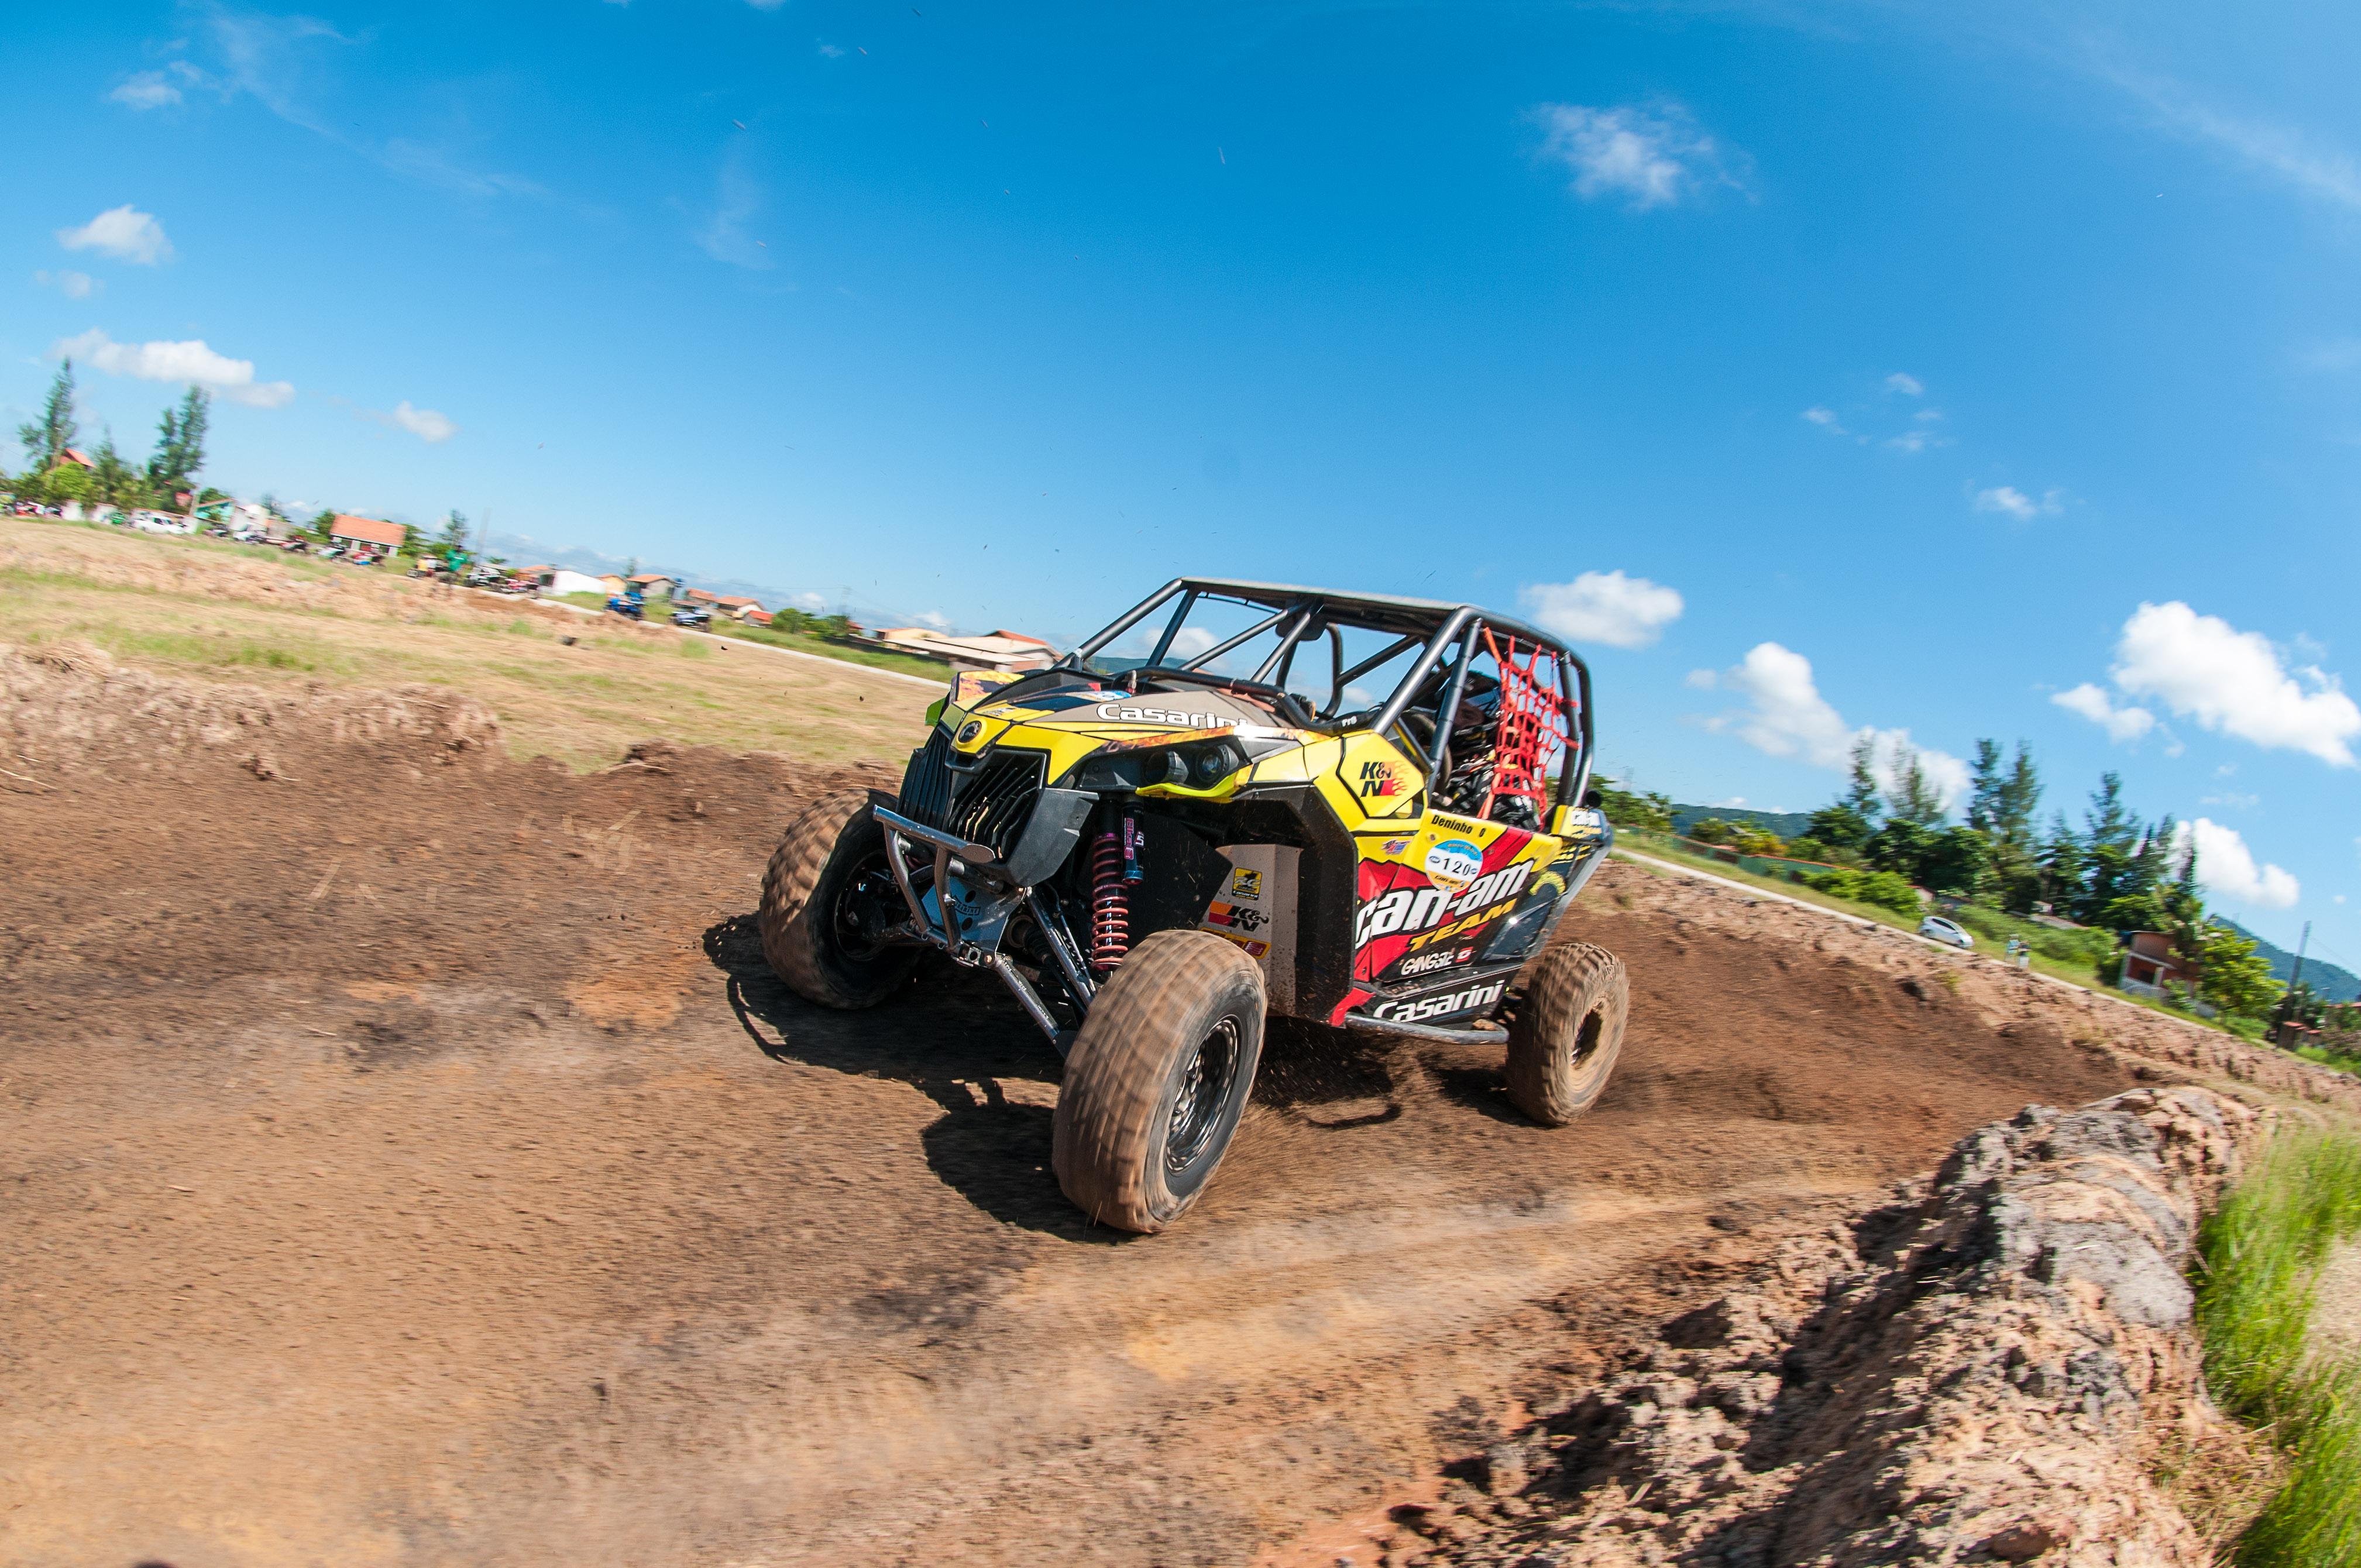 Deninho Casarini pilotando seu Maverick Turbo / Crédito: Duda Bairros